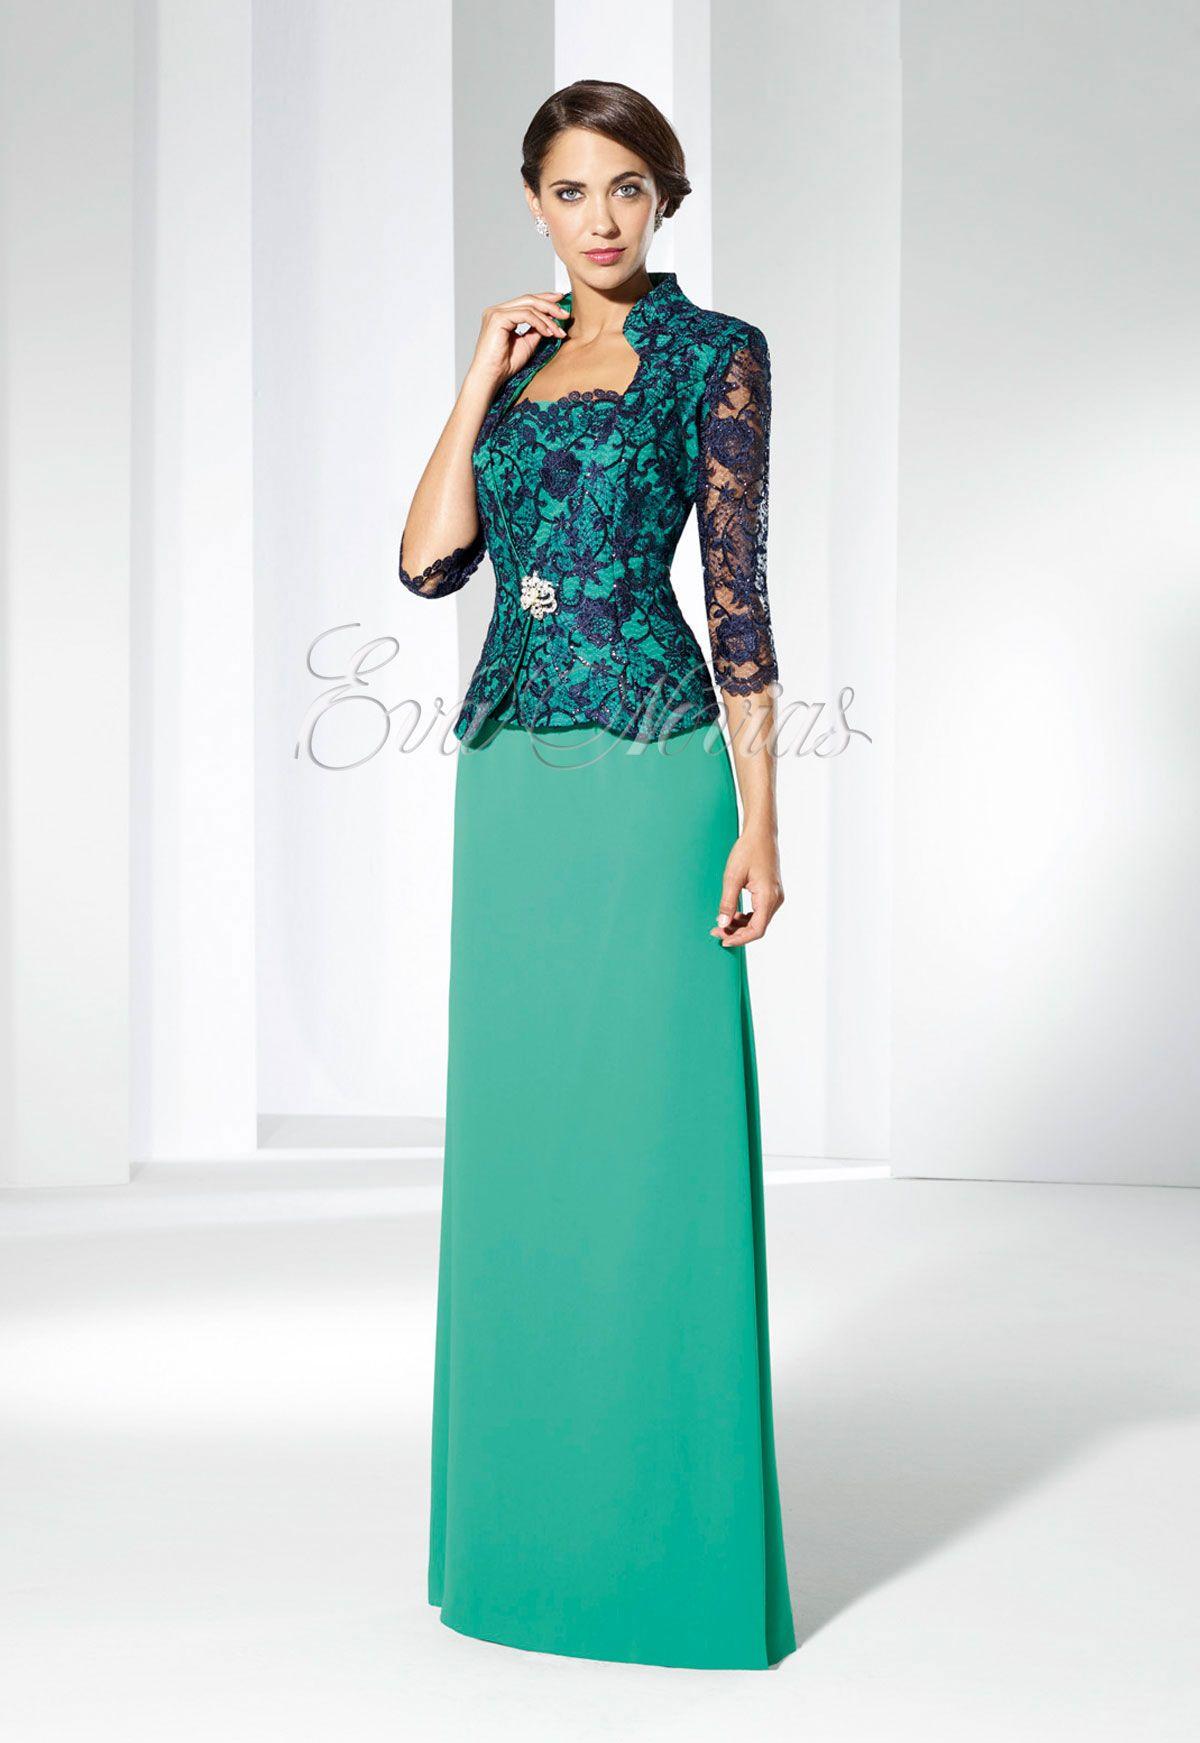 Vestido de fiesta Paloma Camacho Modelo 2737 | Ideas para bodas ...